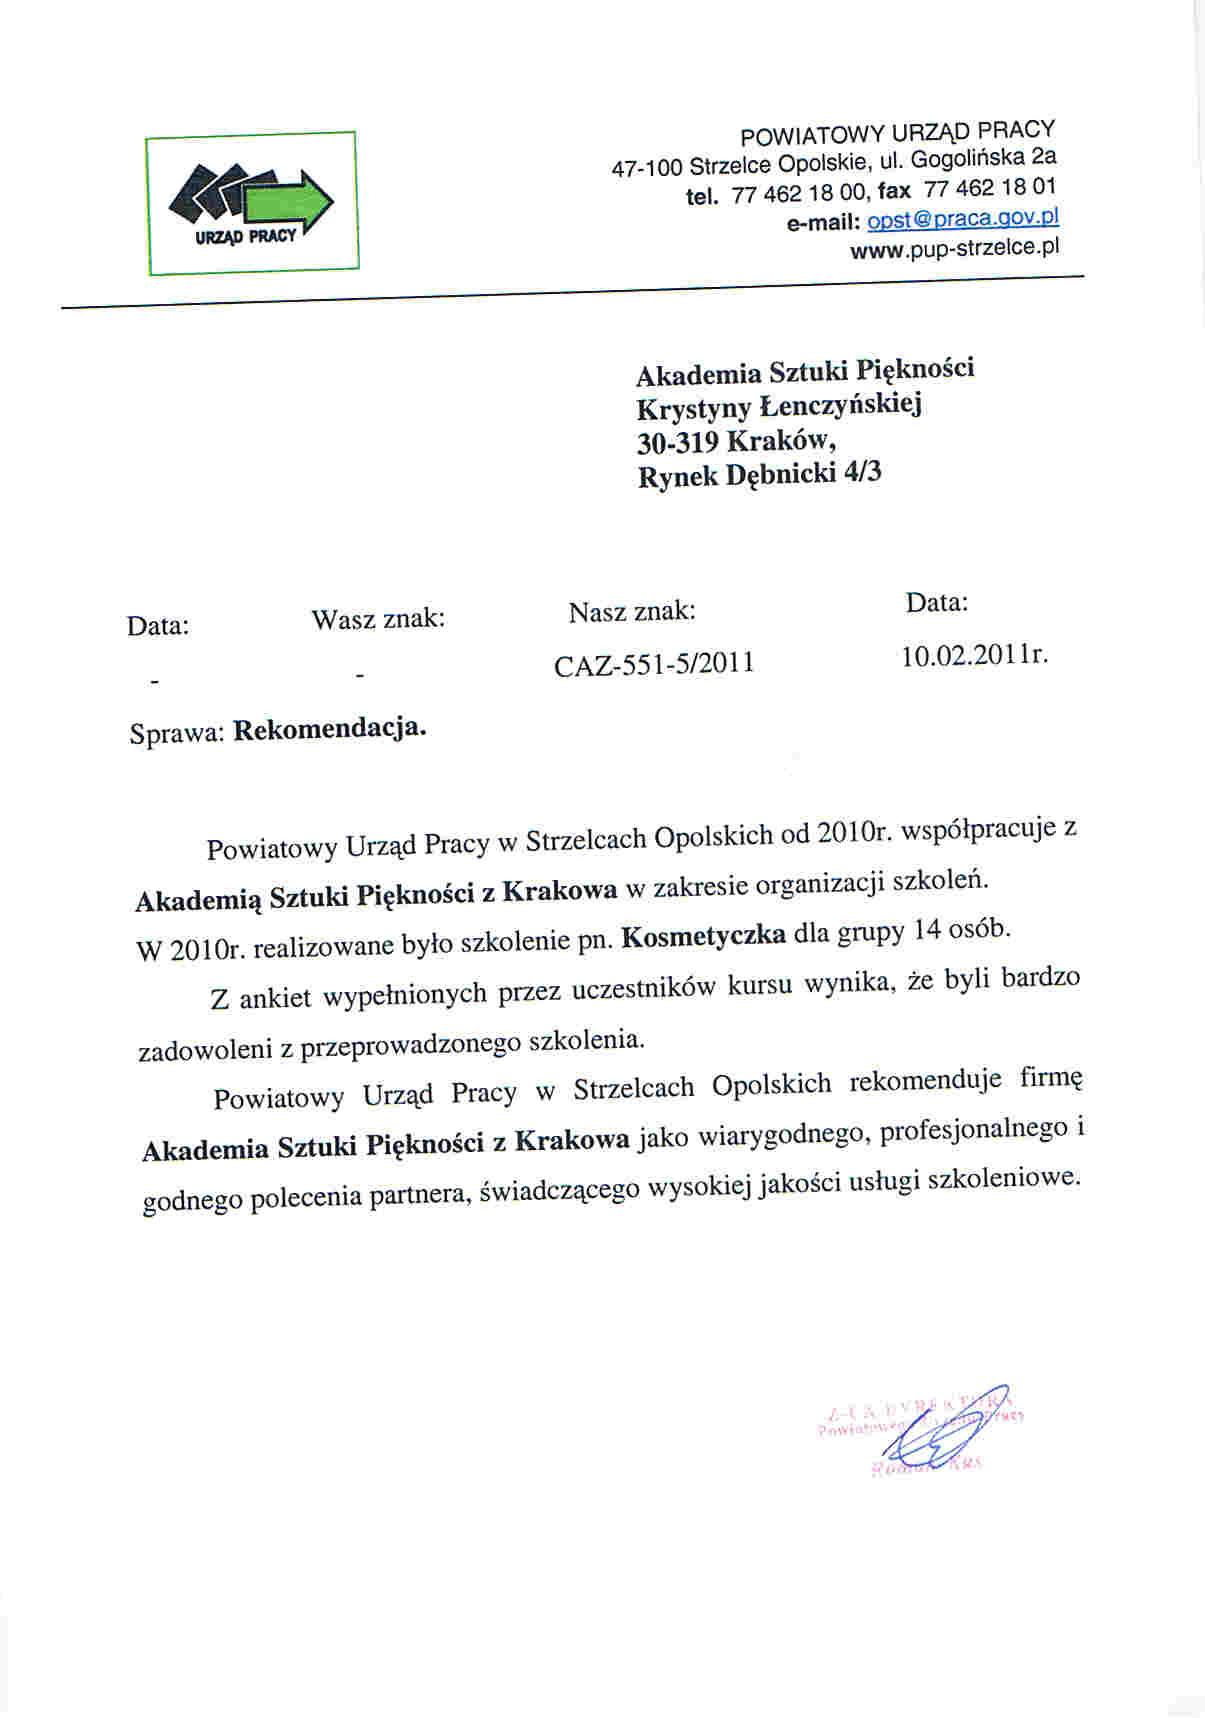 Powiatowy Urząd Pracy w Strzelcach Opolskich-Strzelce Opolskie